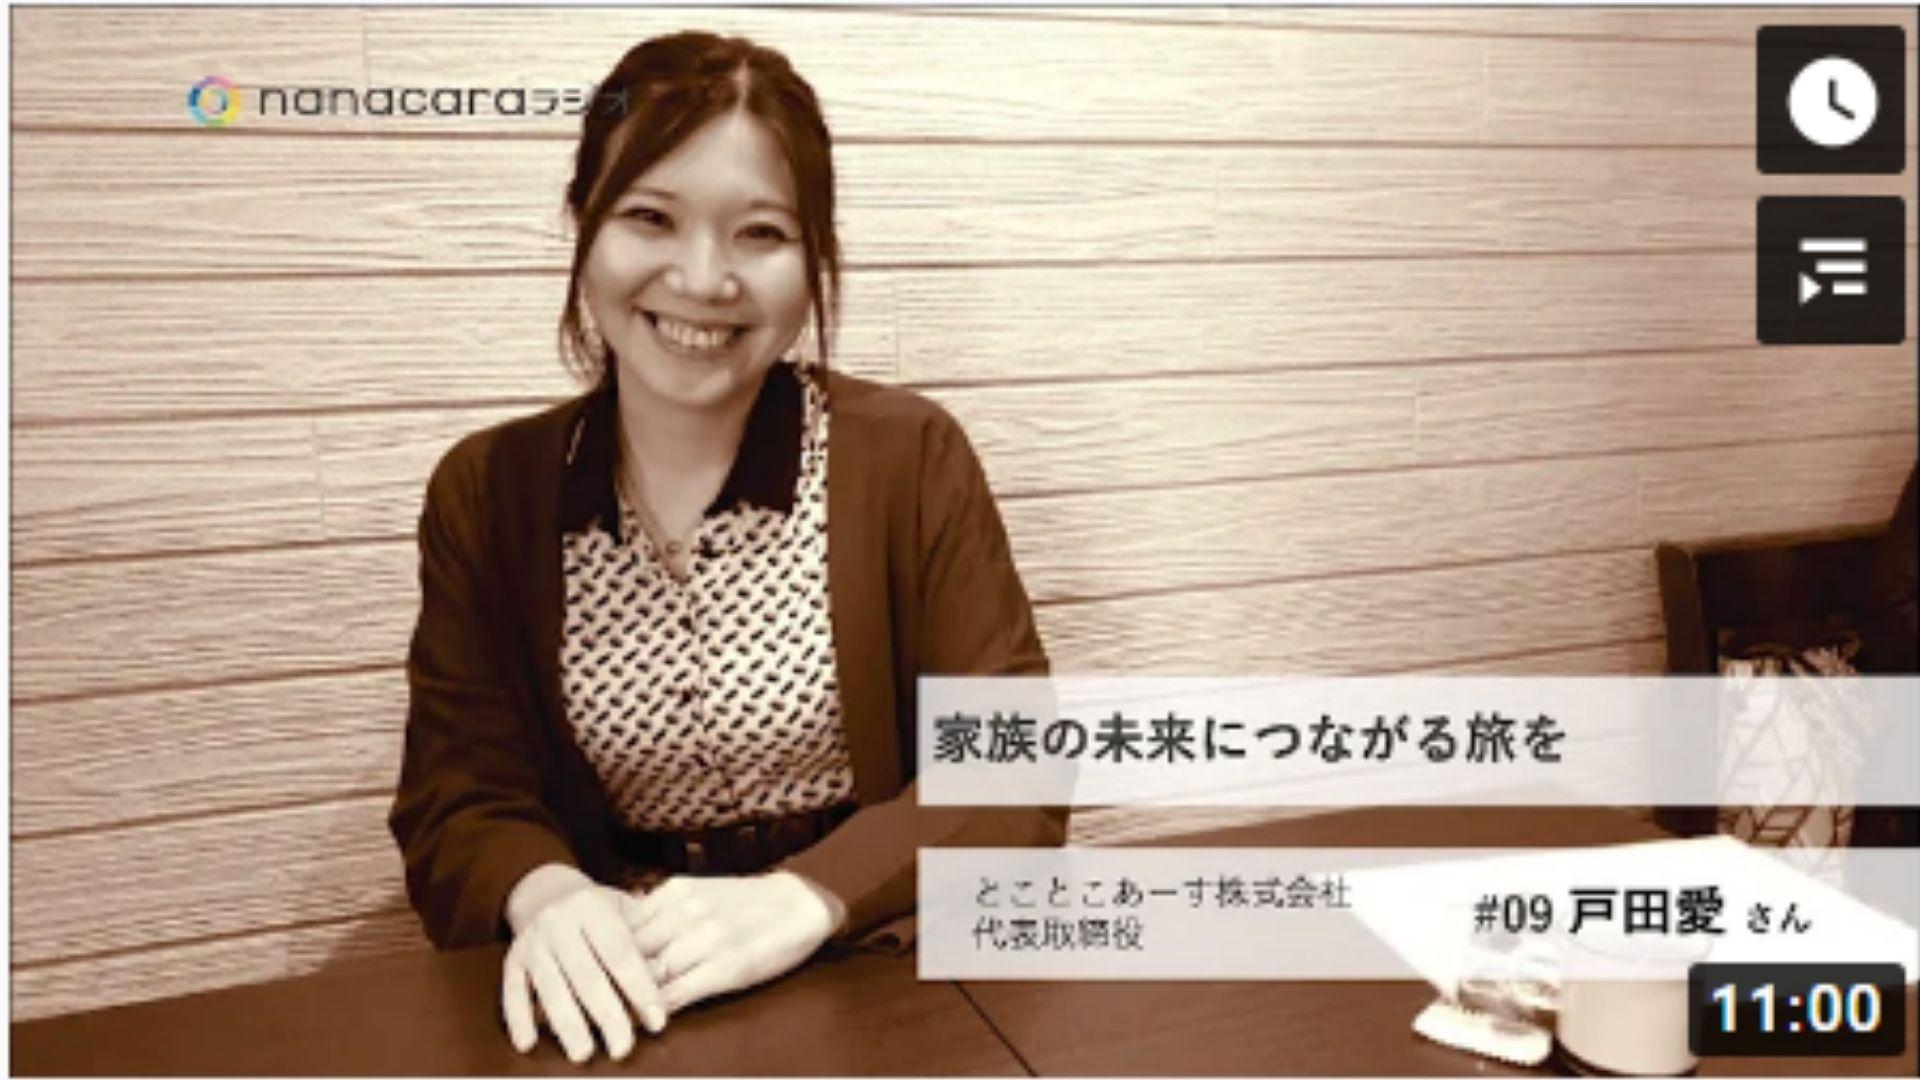 戸田愛 ラジオ とことこあーす